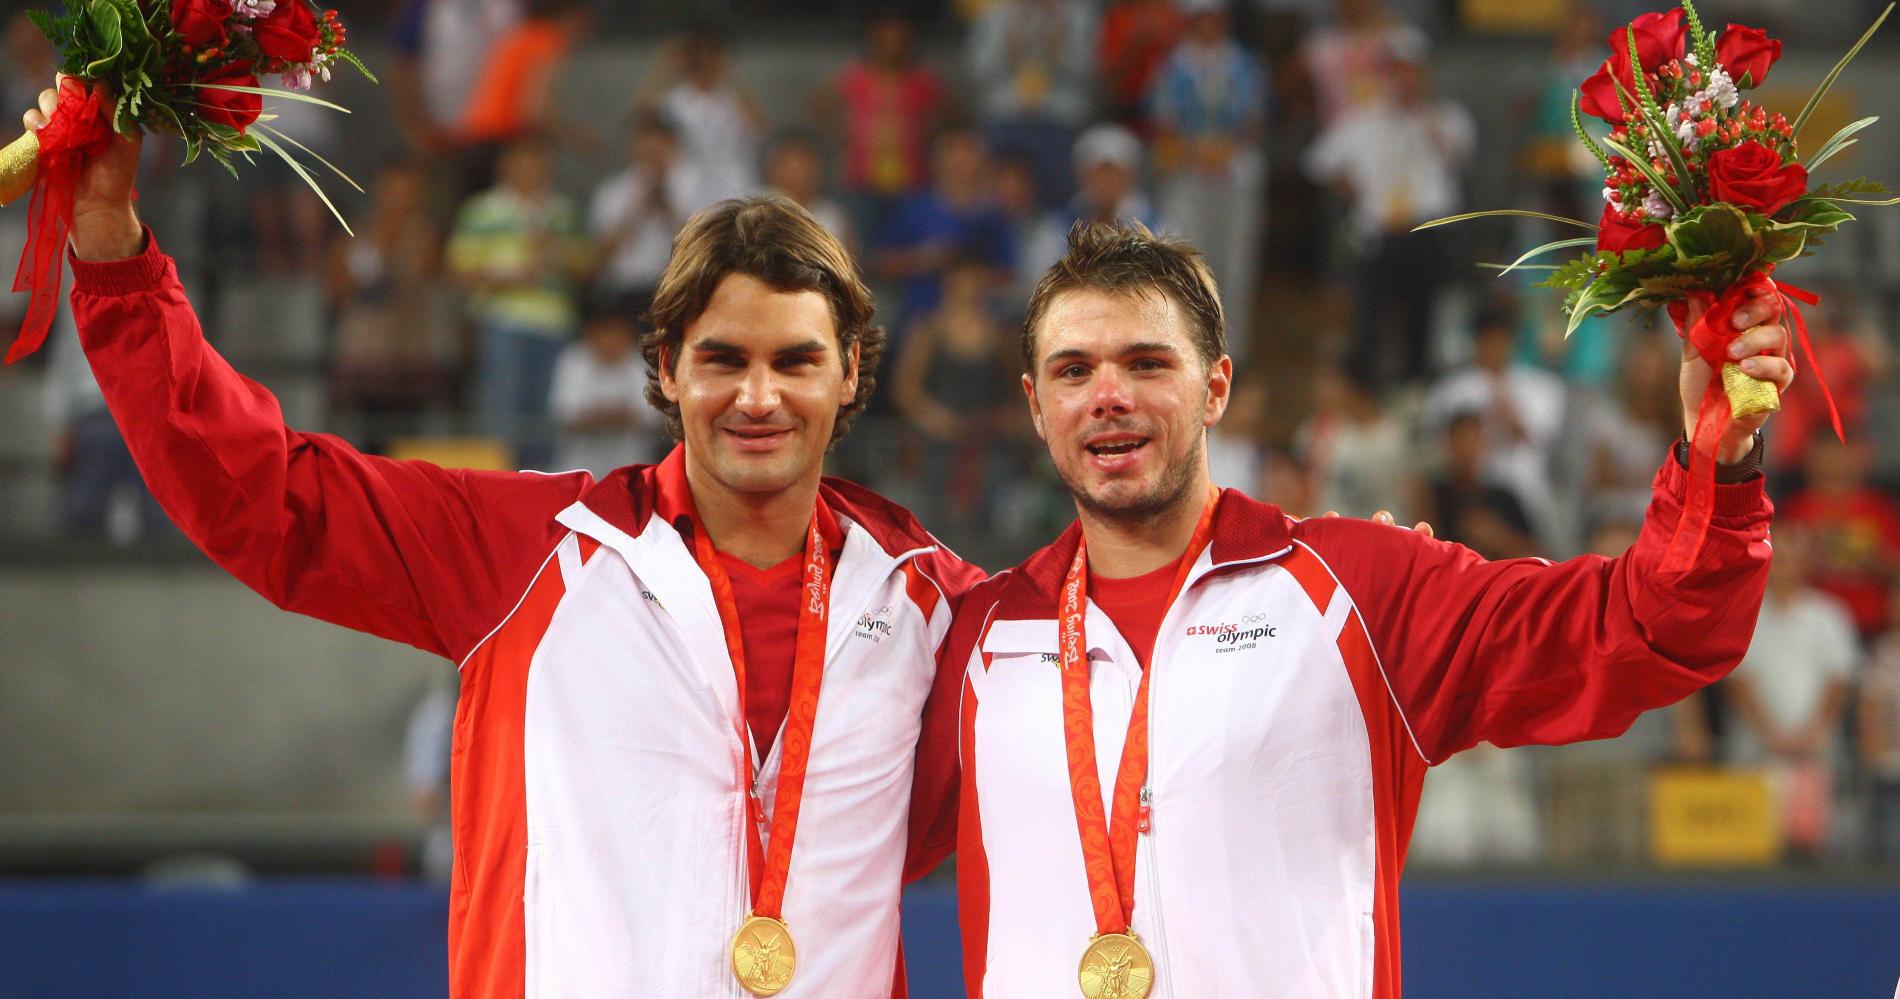 Roger Federer et Stan Wawrinka, Jeux Olympiques de Pékin 2008